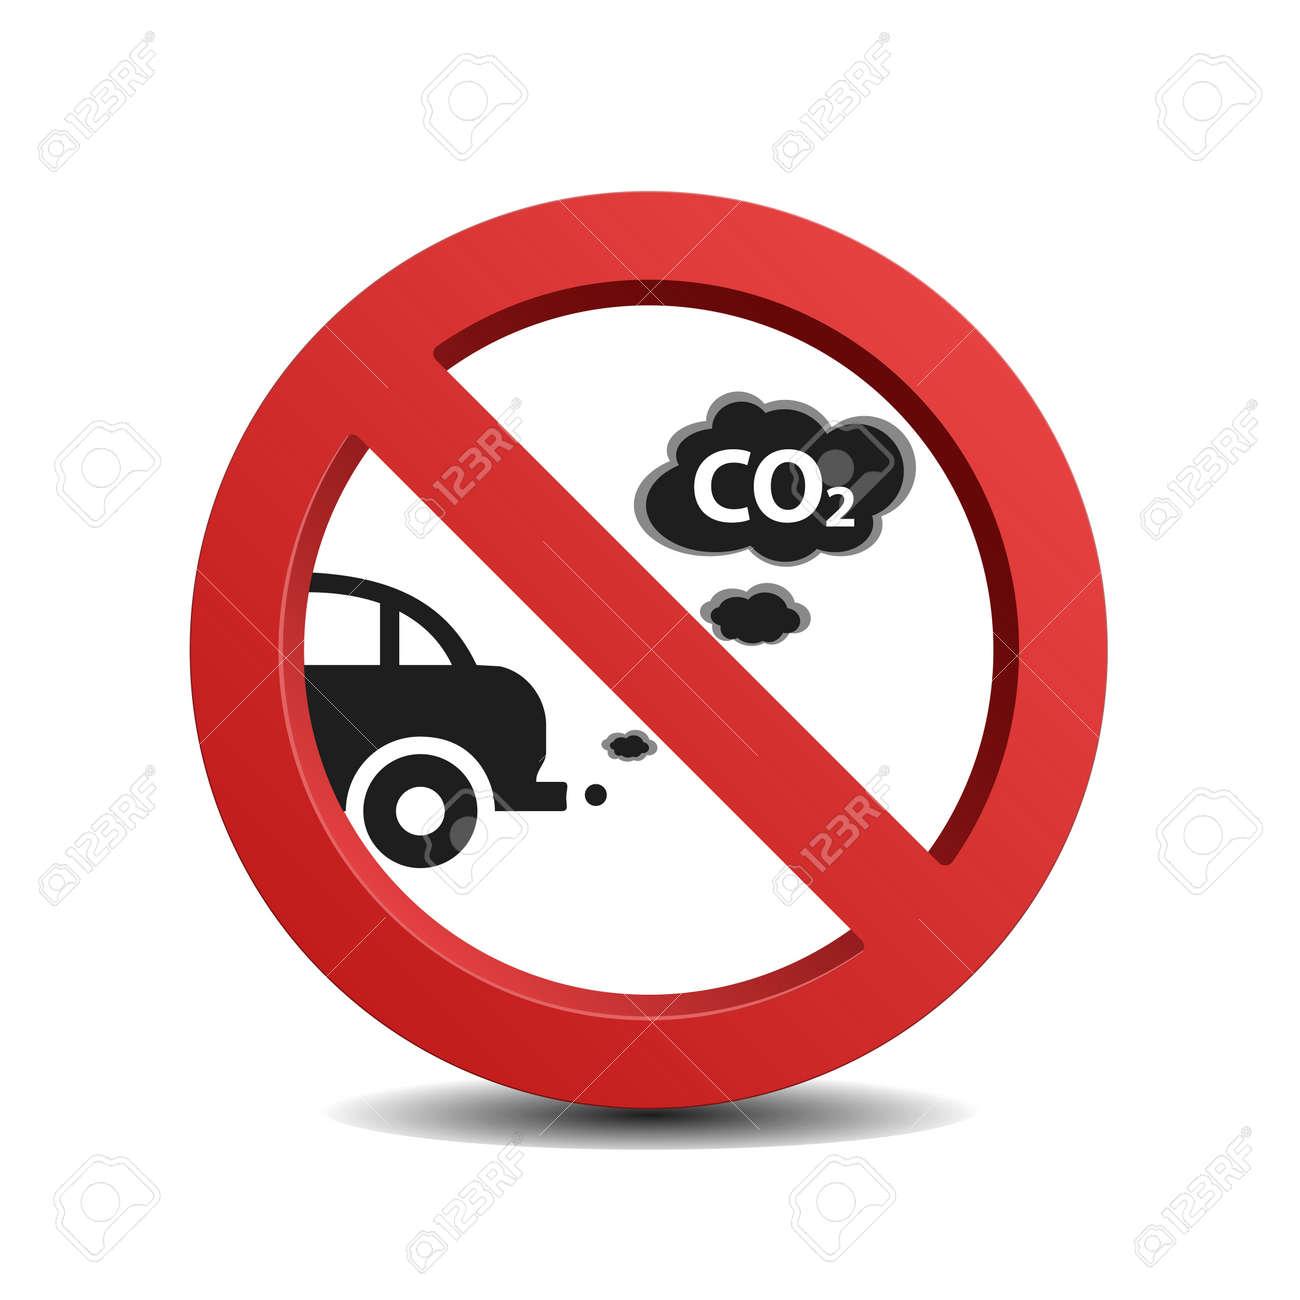 Stop De Motor Teken Geisoleerd Op Een Witte Achtergrond Royalty